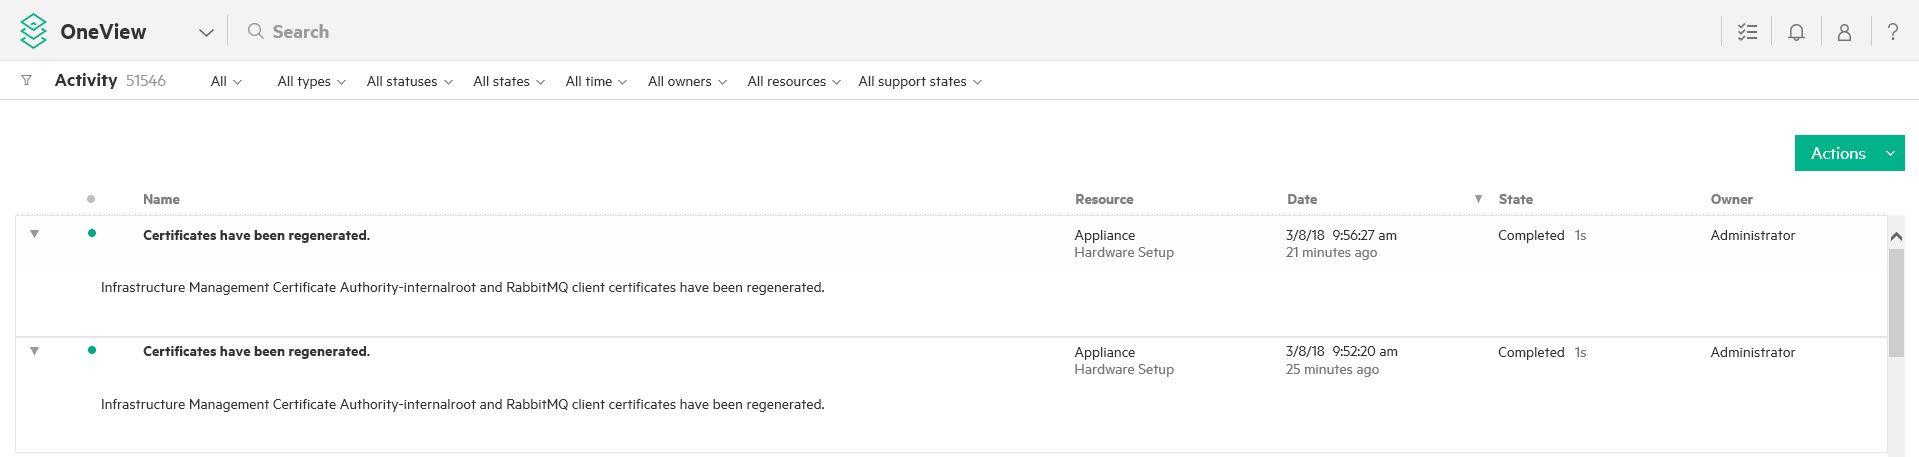 Certificates_regenerated.jpg